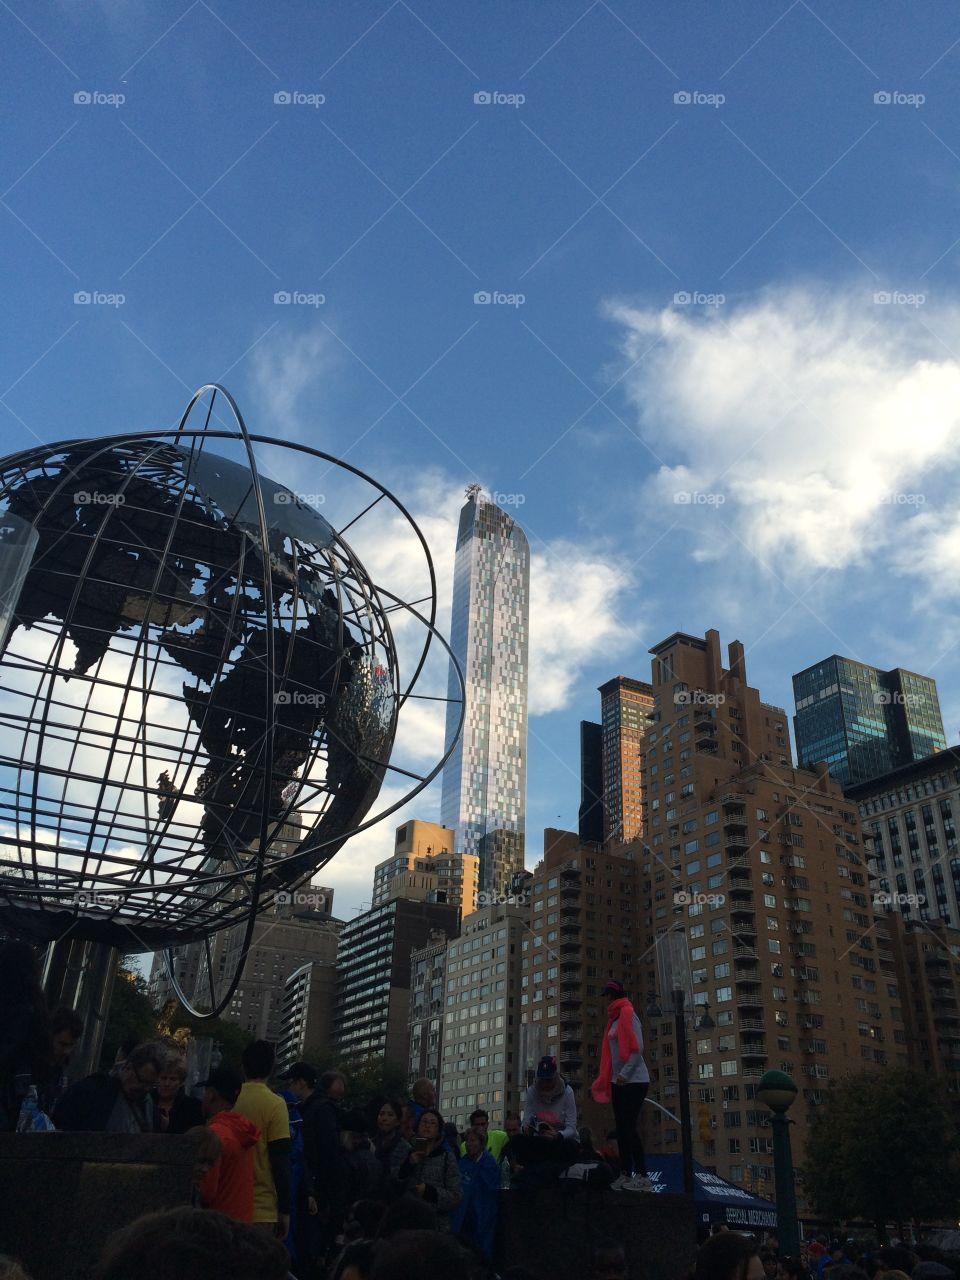 NYC Marathon Excitement!